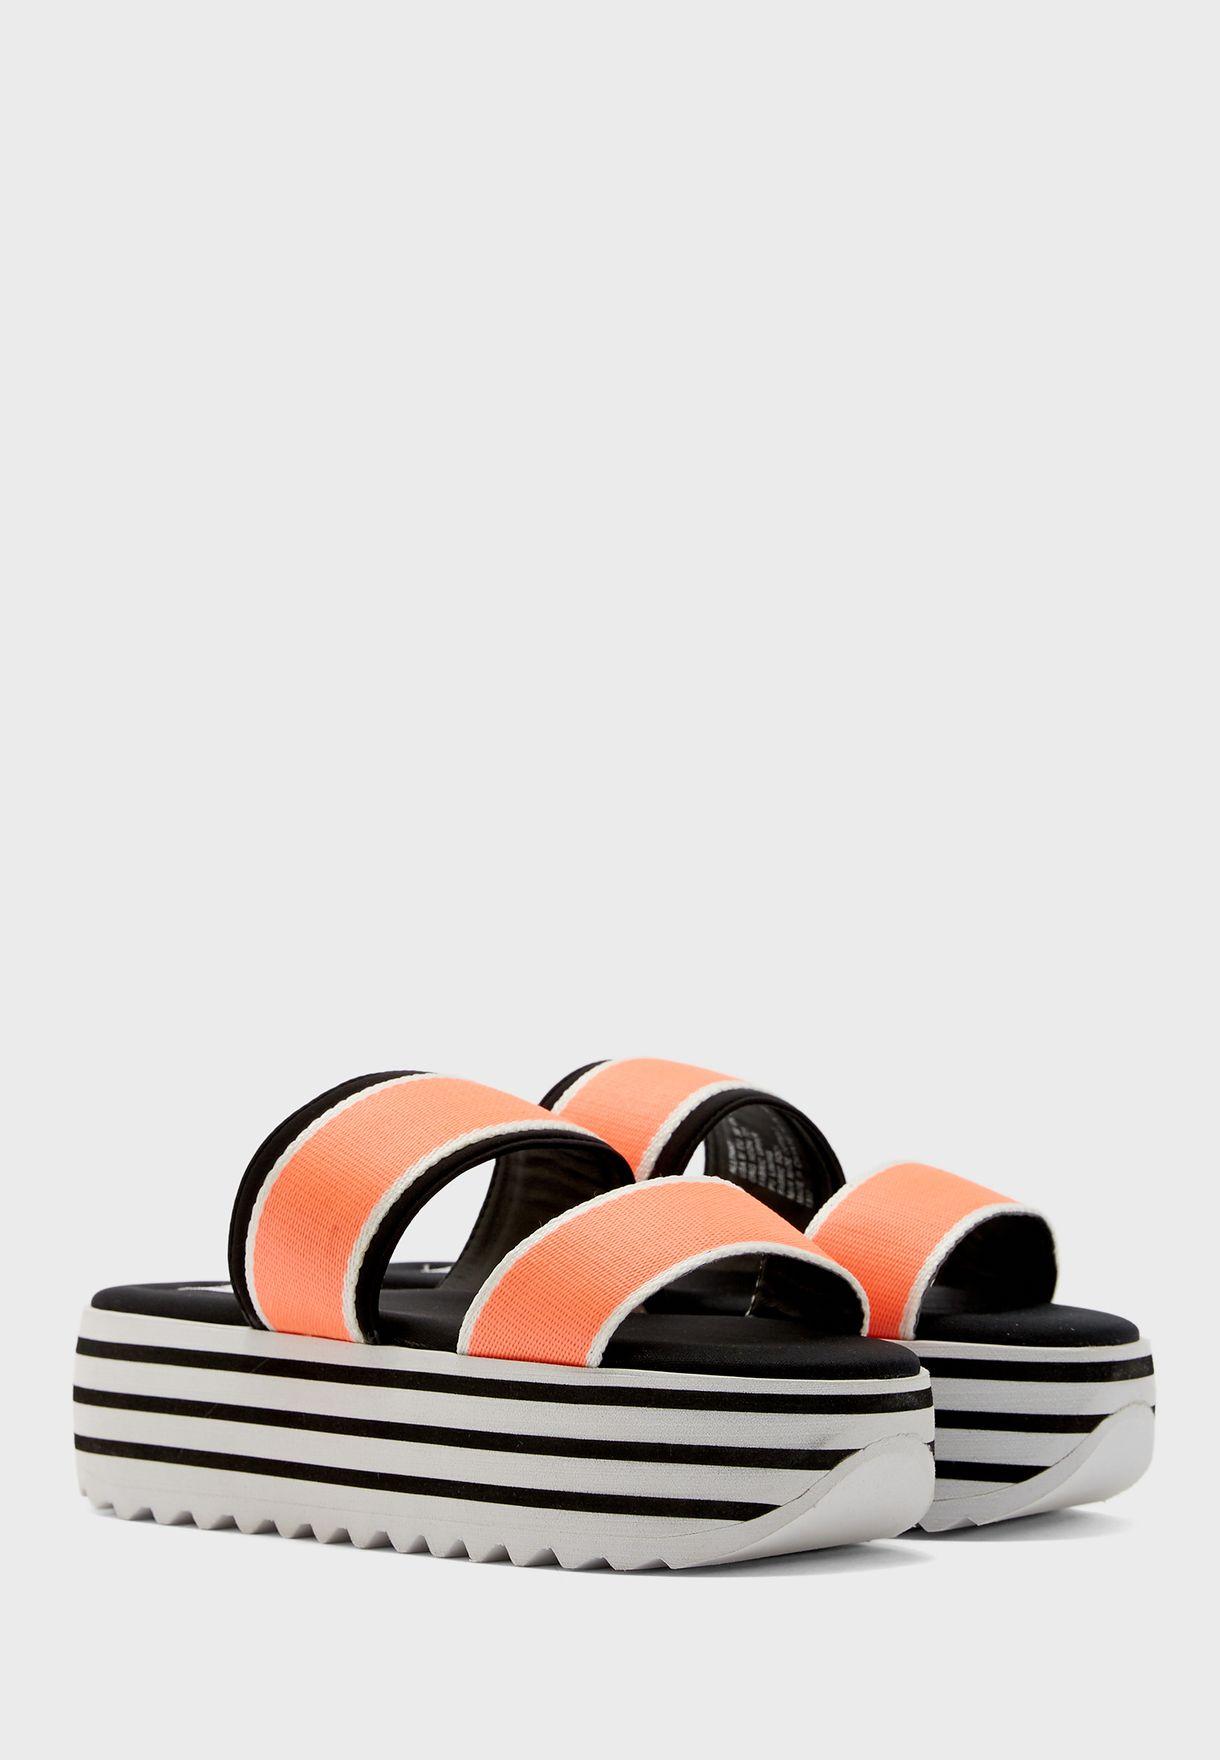 Allthat Wedge Sandal